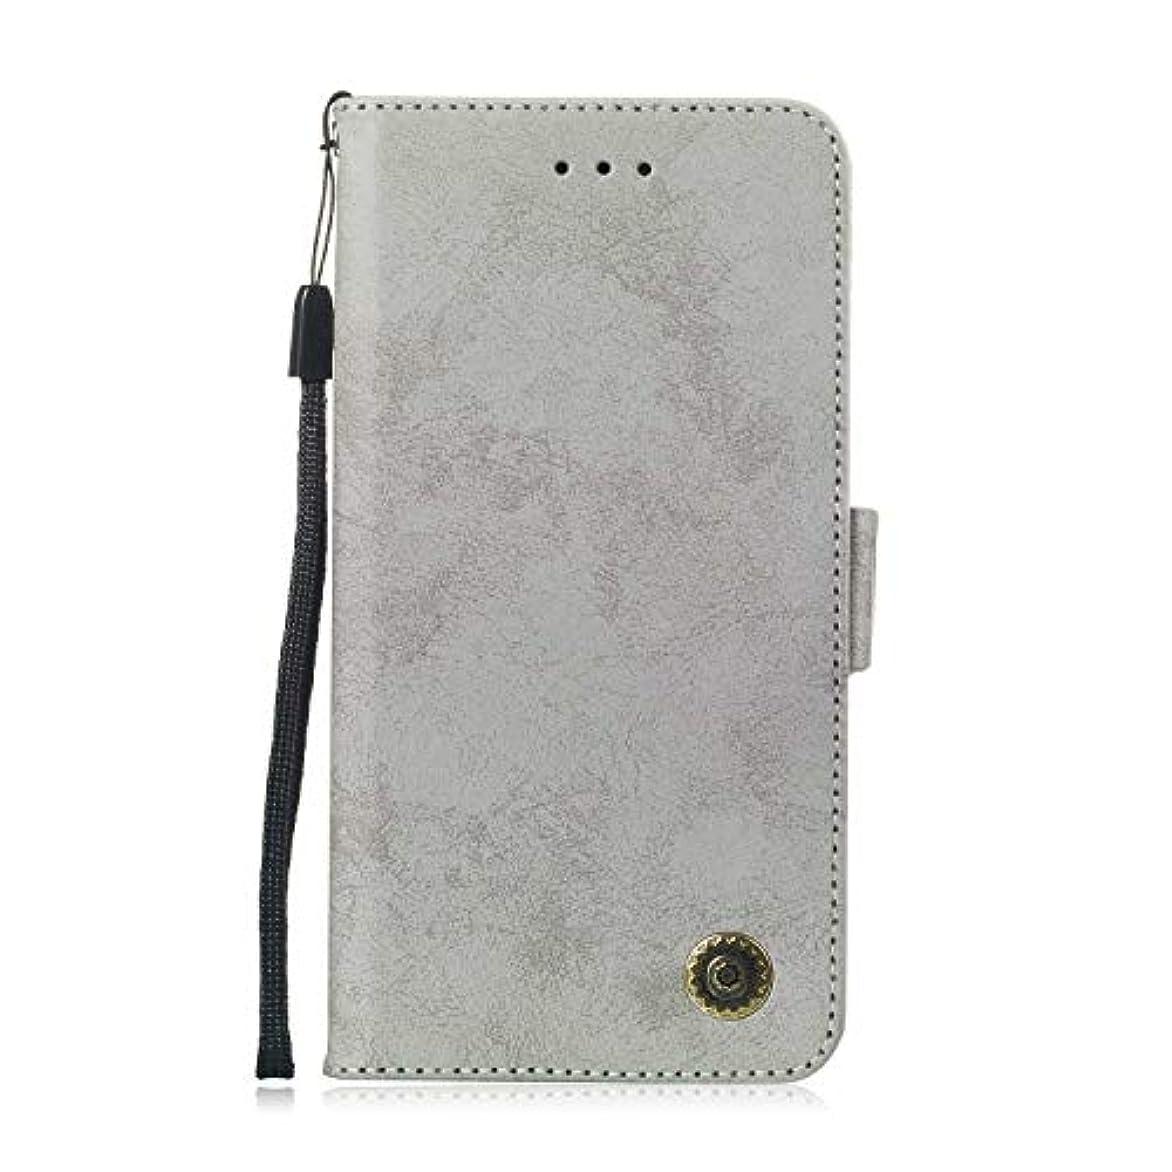 印象的な権利を与える医学Zeebox® Huawei Mate 20 Lite 手帳型ケース Huawei Mate 20 Lite 手帳型カバー 財布型 合皮PUレザー マグネット式 保護ケース カード収納 スタンド 機能 (グレー #5)